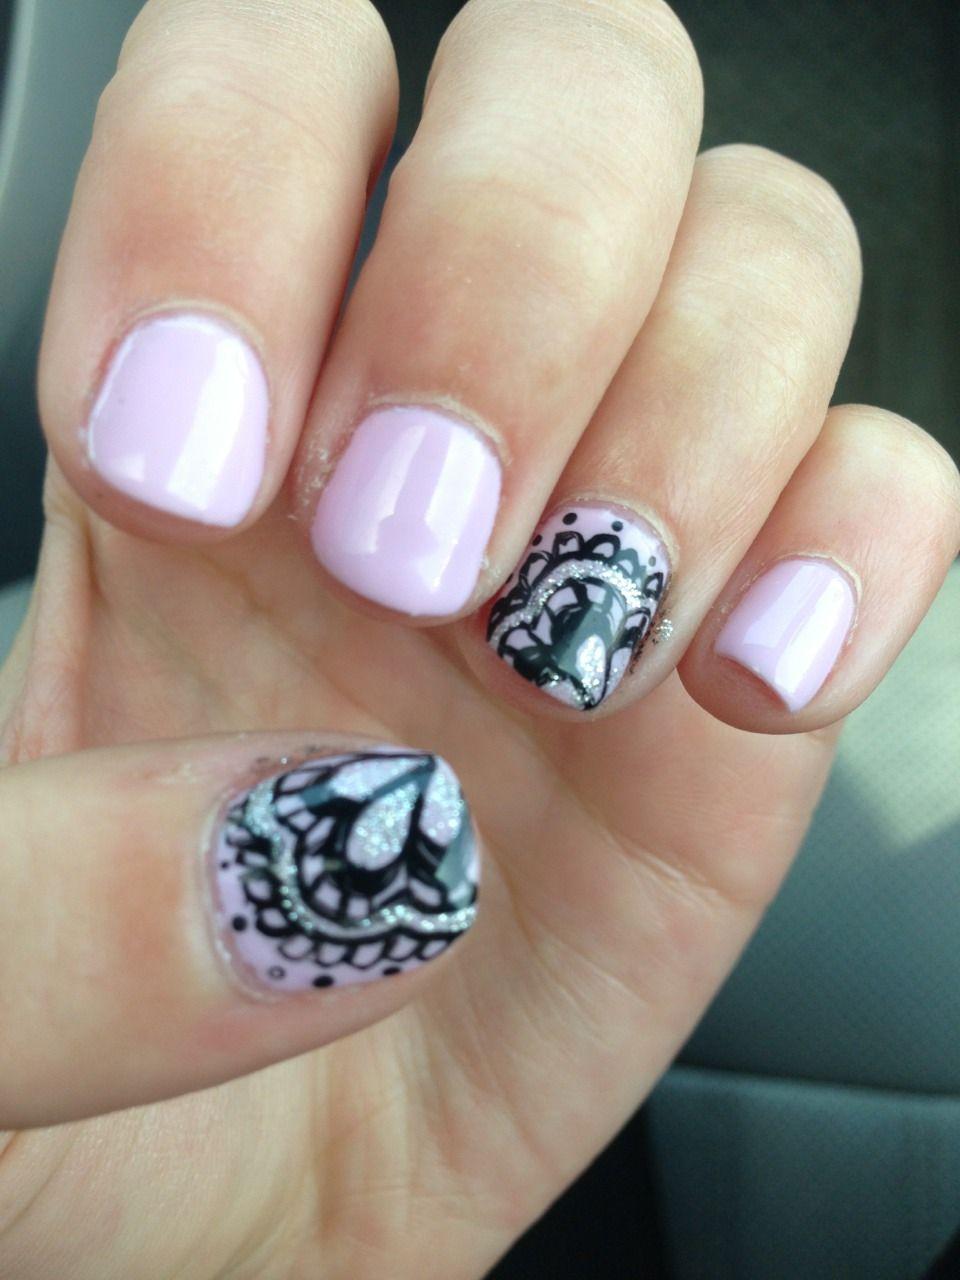 Nail Designs Tumblr Nail It Nail Designs Pinterest Nail